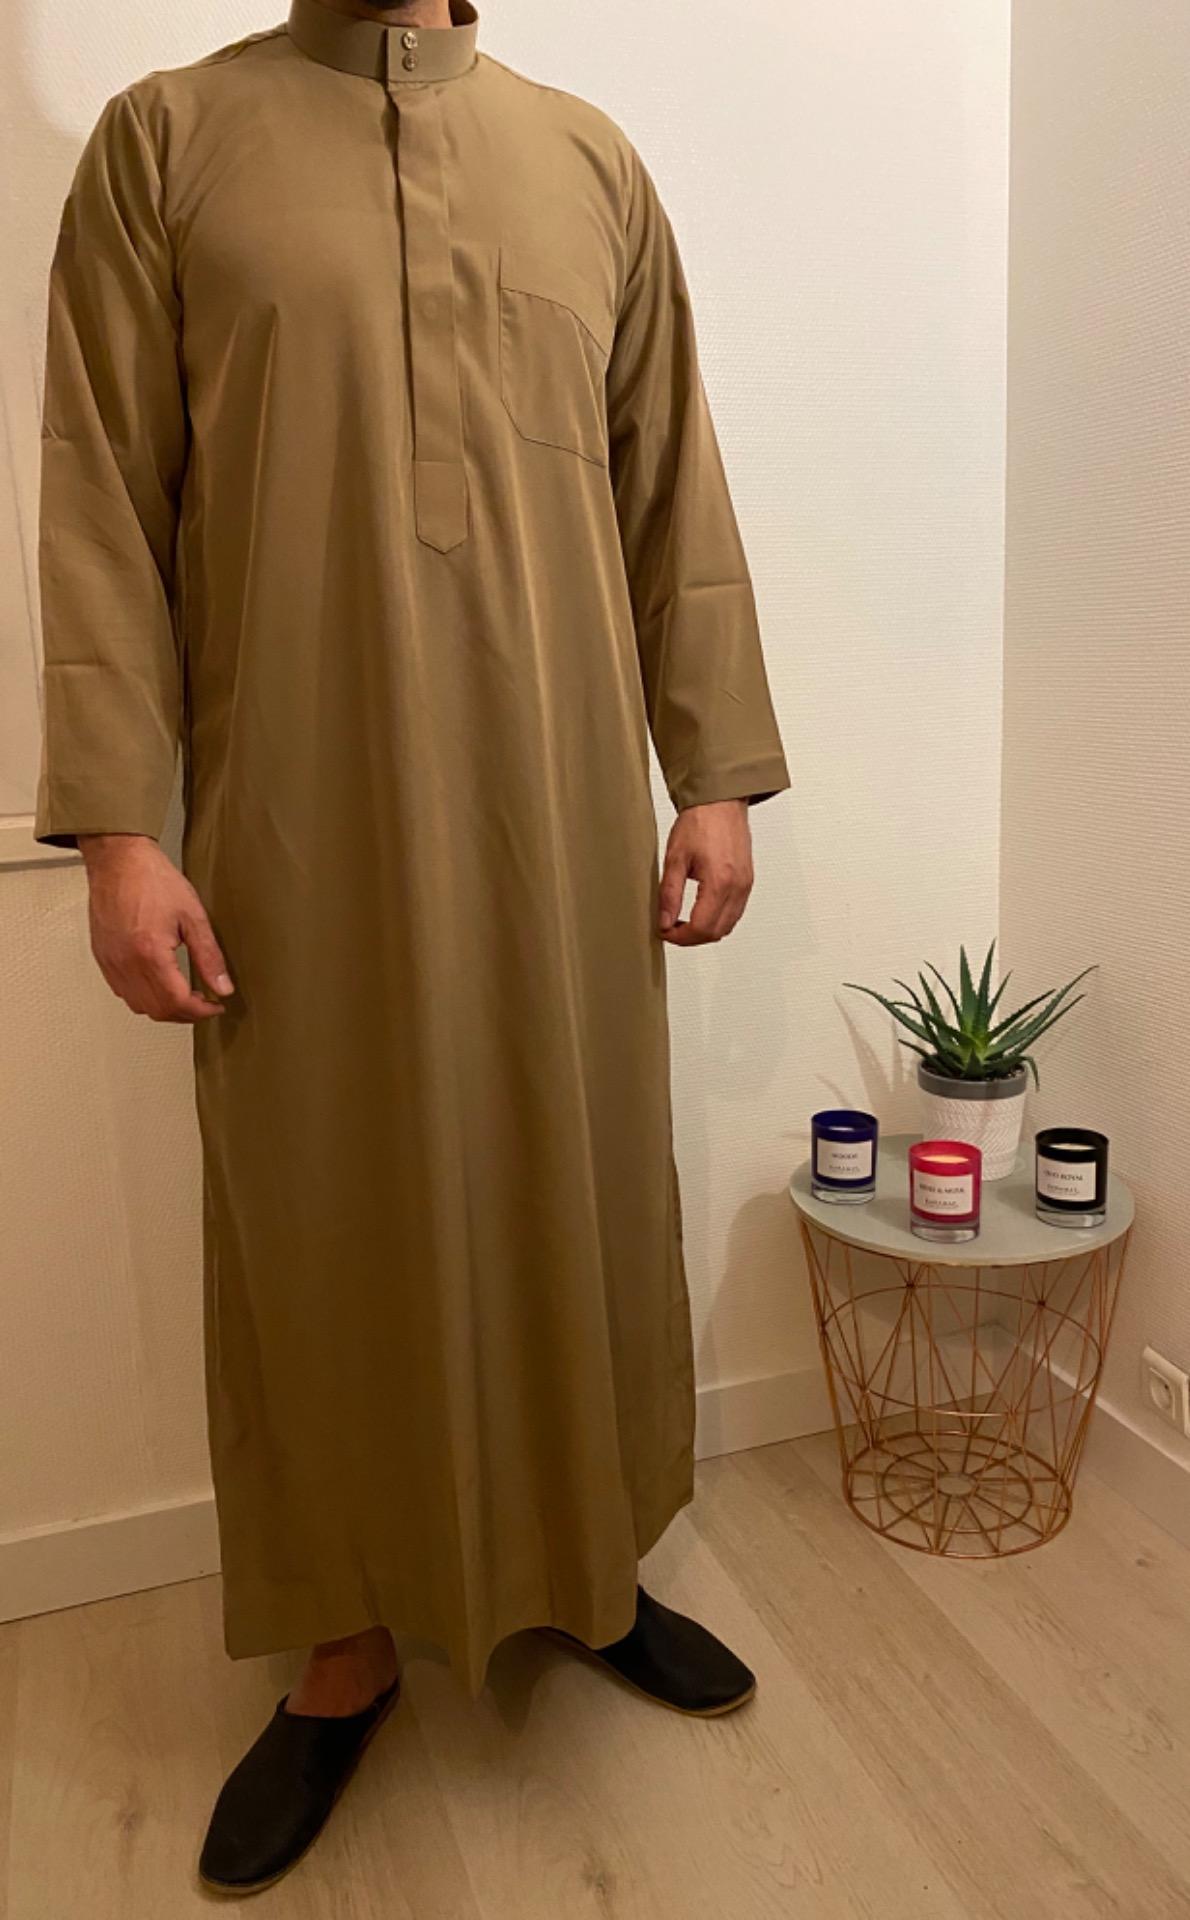 Ce Qamis Classic marron est le vêtement traditionnel des pays du golfe comme l'Arabie saoudite, le Qatar, le Koweit ou encore Dubai.